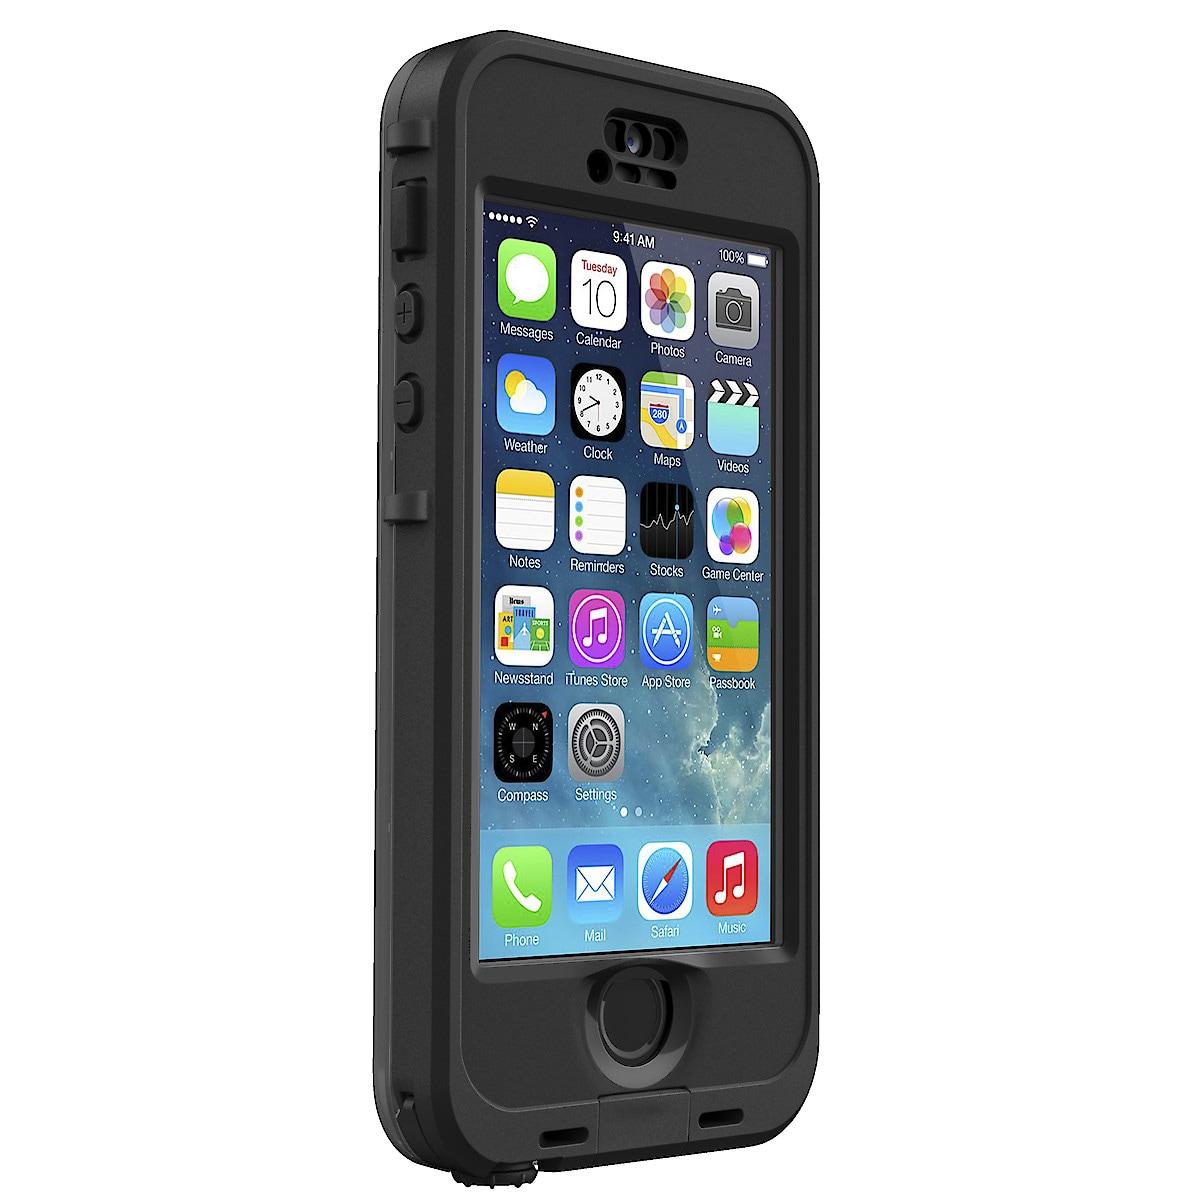 Kuori iPhone 5:lle/5S/SE:lle, Lifeproof Nuud